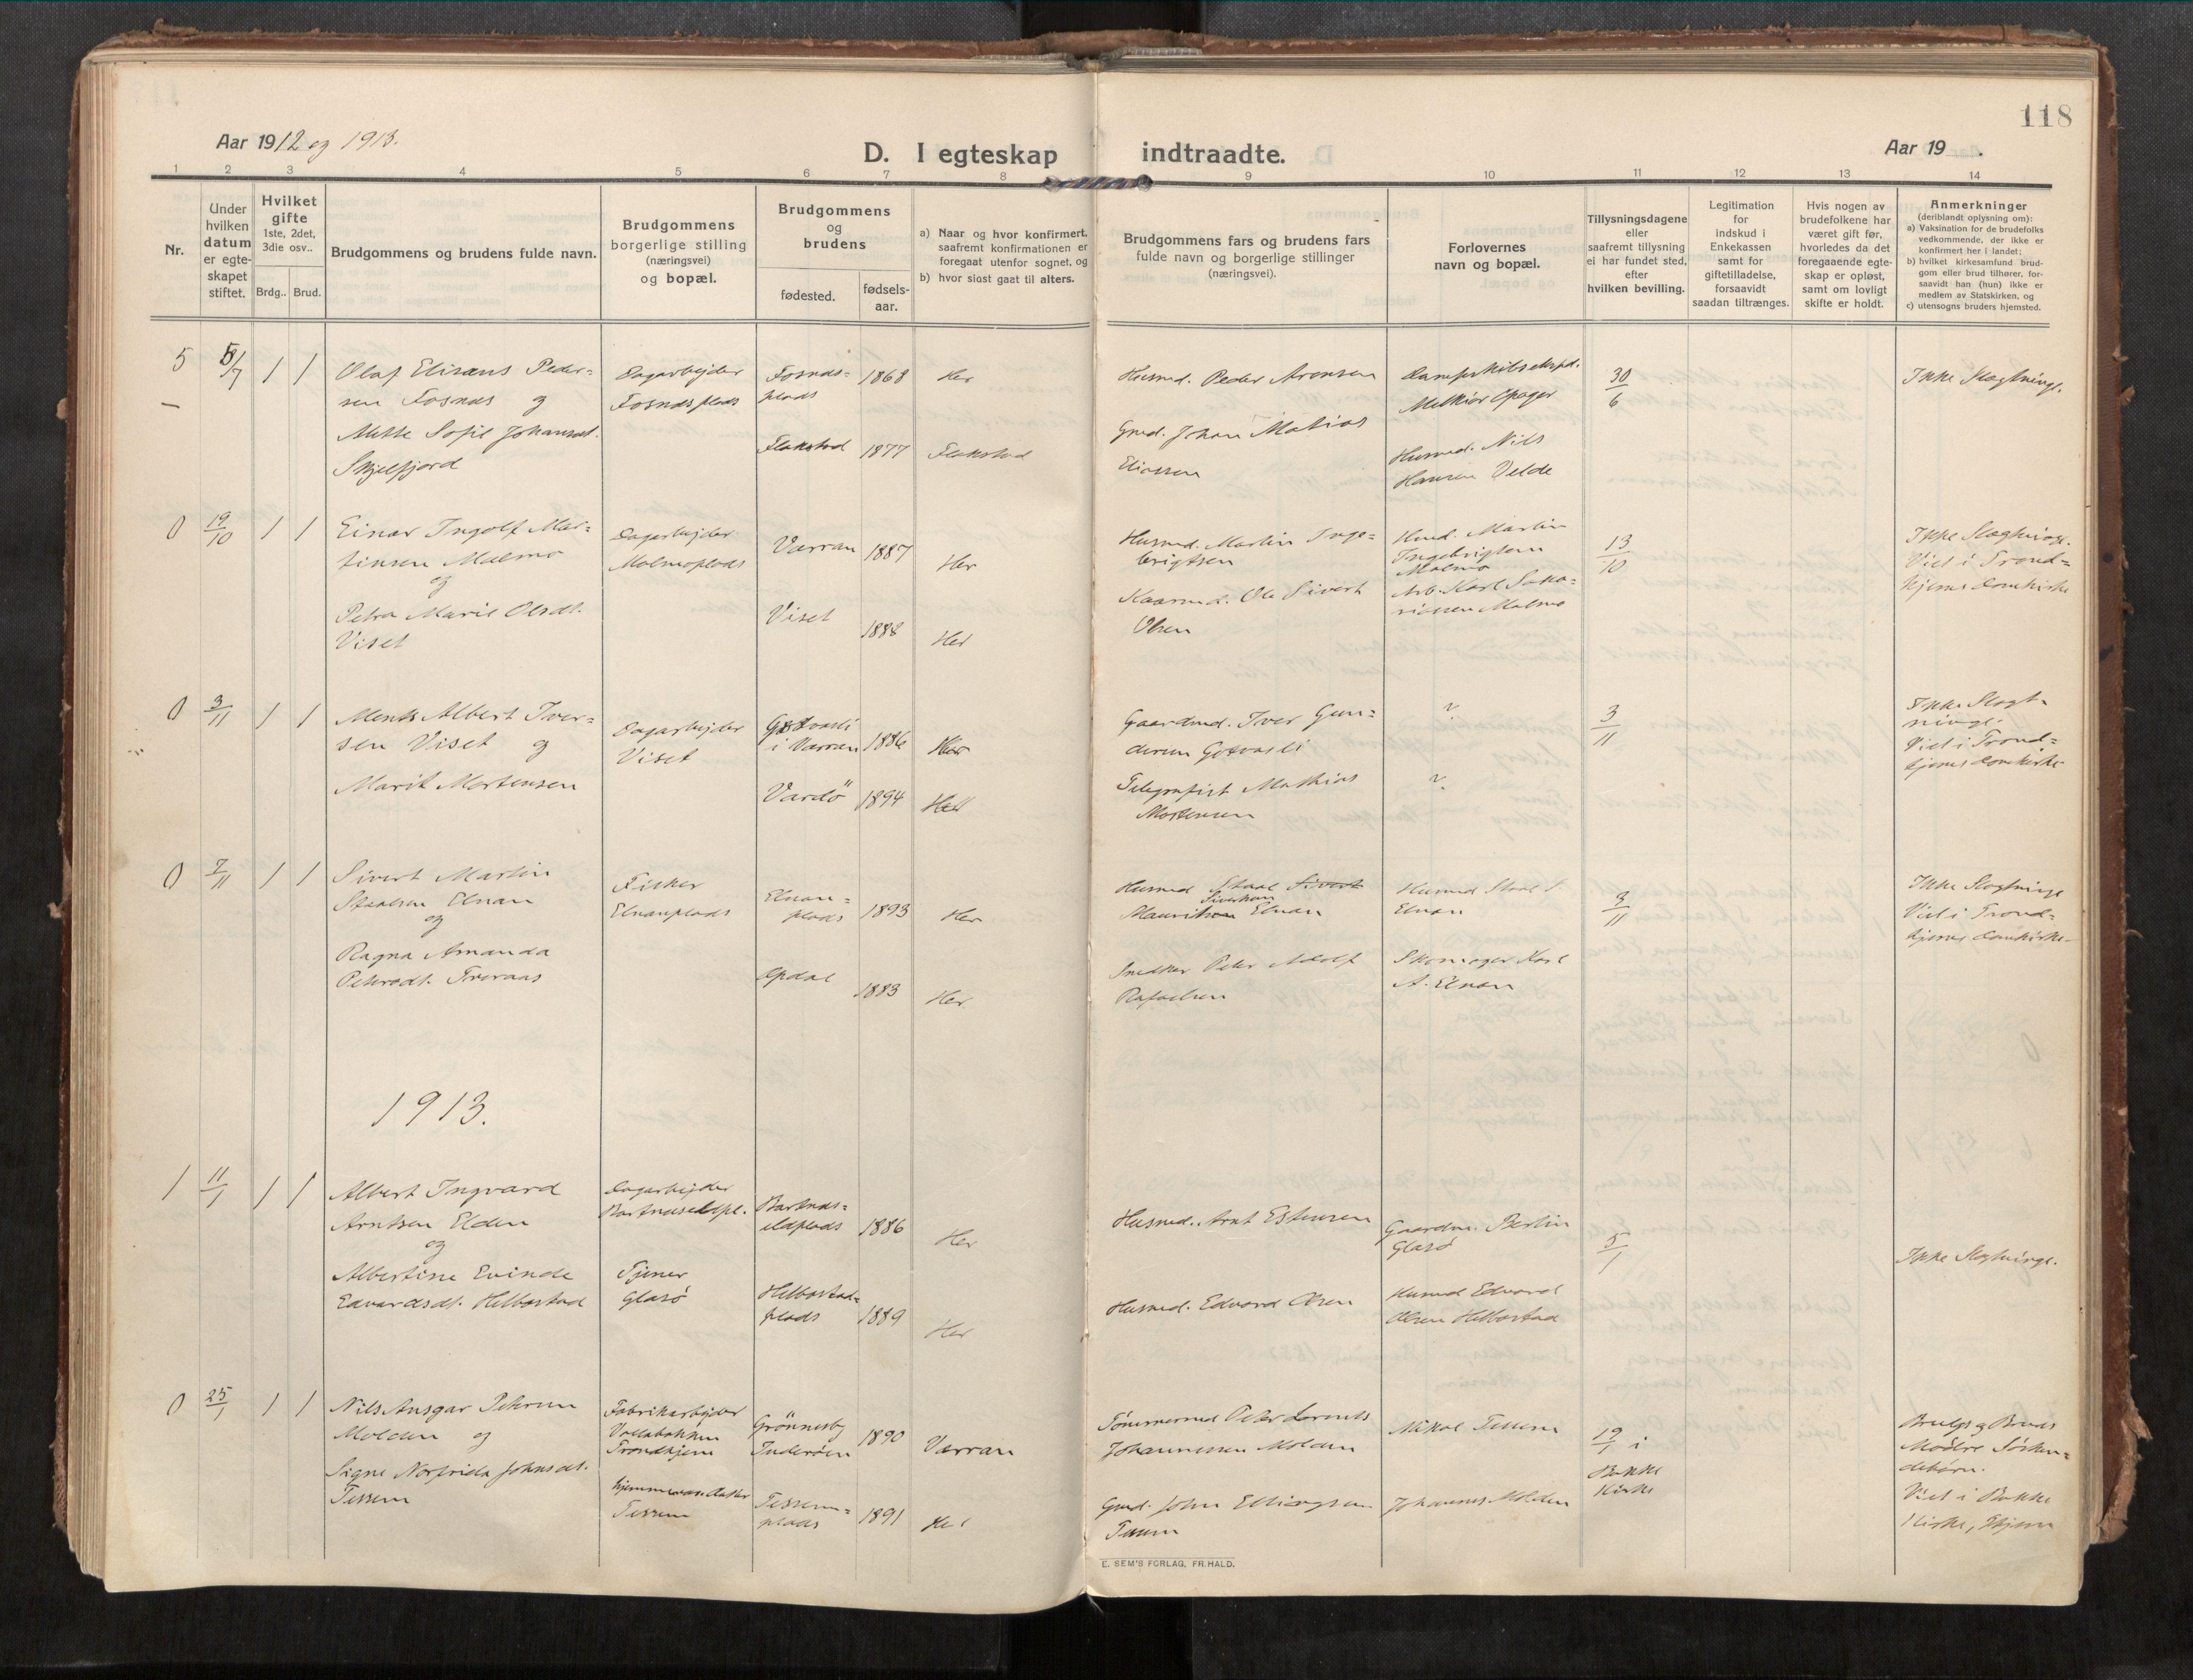 SAT, Beitstad sokneprestkontor, I/I1/I1a/L0001: Ministerialbok nr. 1, 1912-1927, s. 118